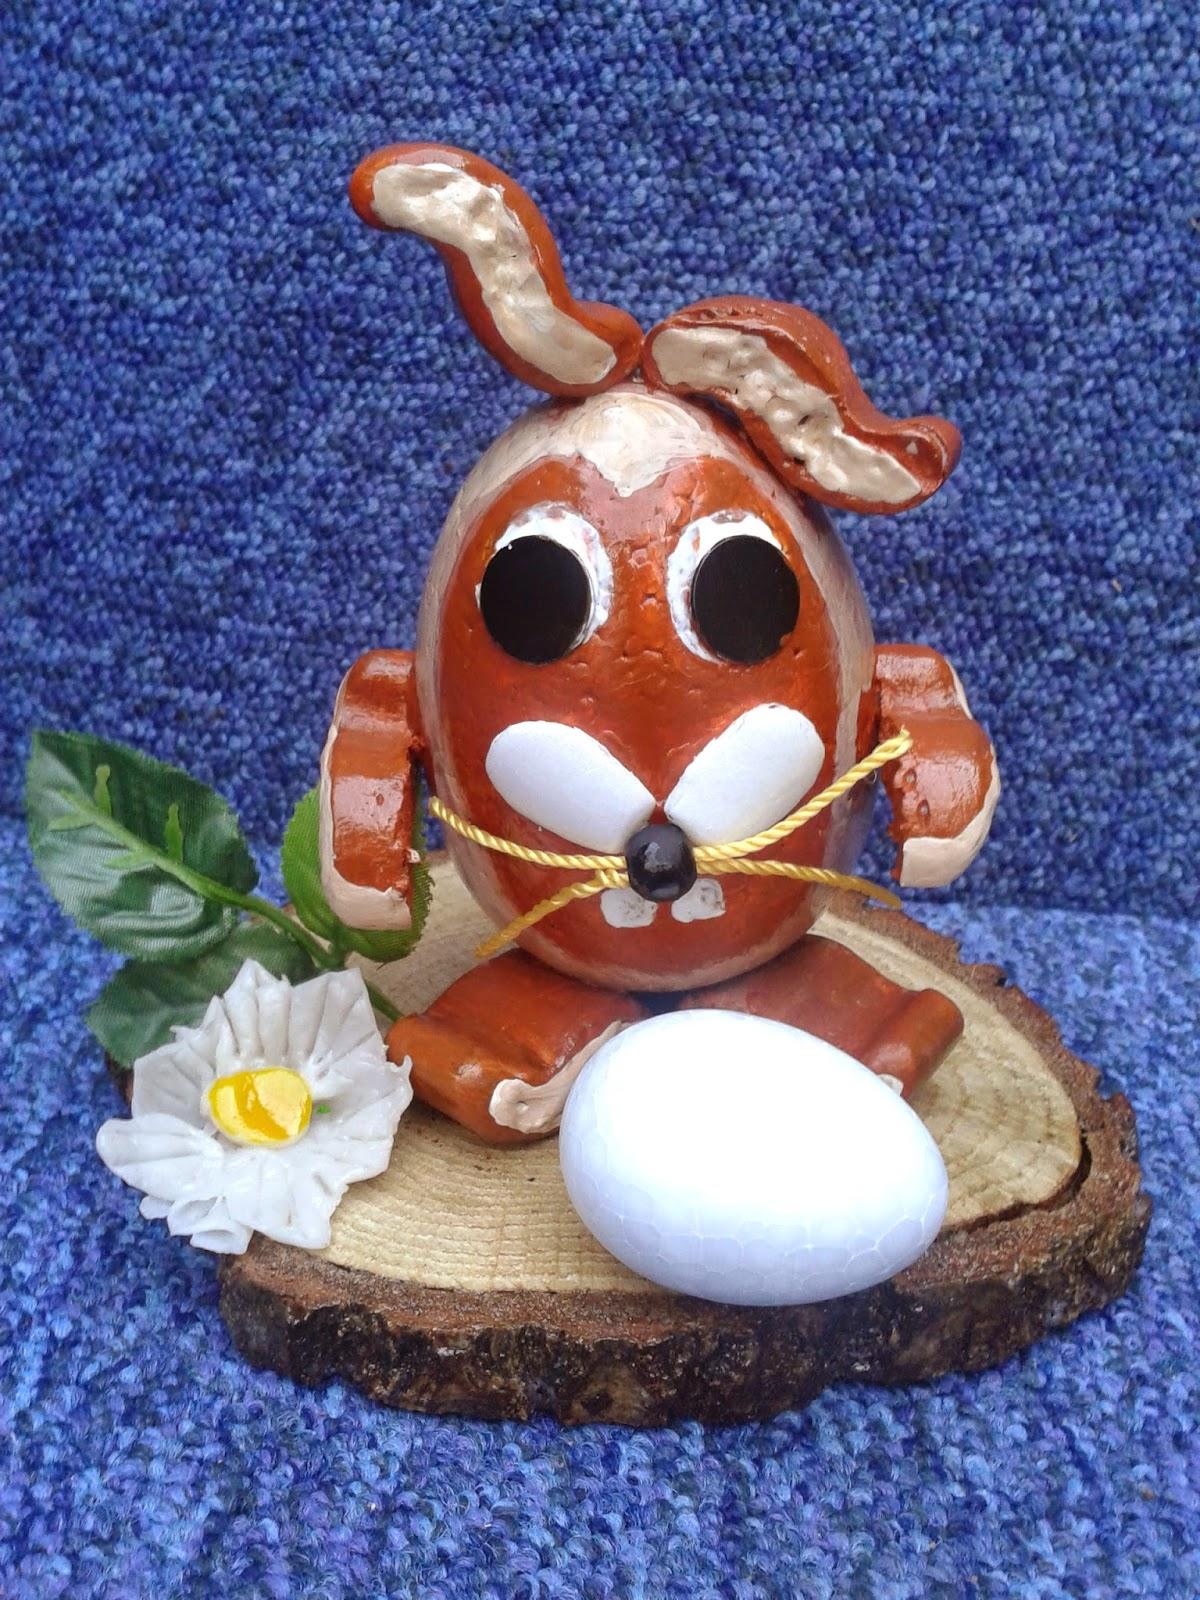 zajac z jajka styropian, rrecznie robiony